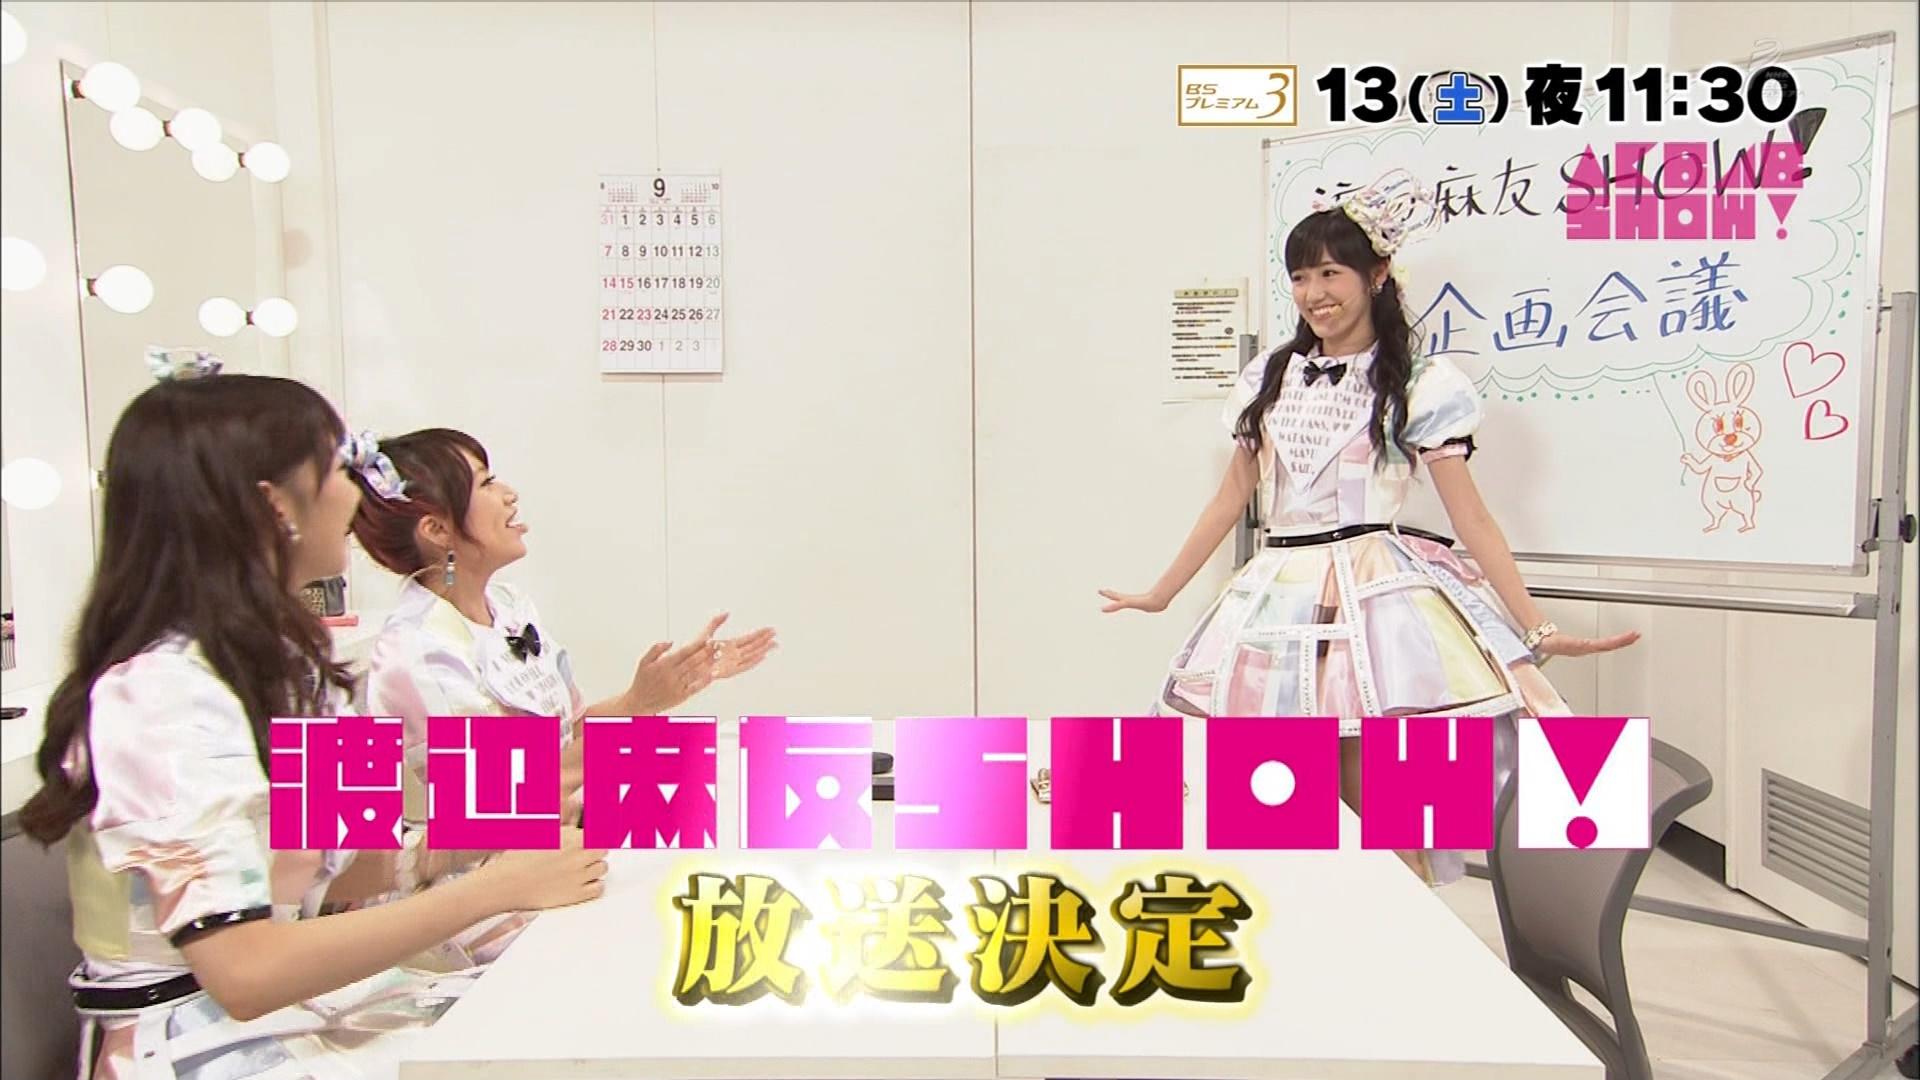 渡辺麻友SHOW!予告 AKB48SHOW! 20140906 (8)